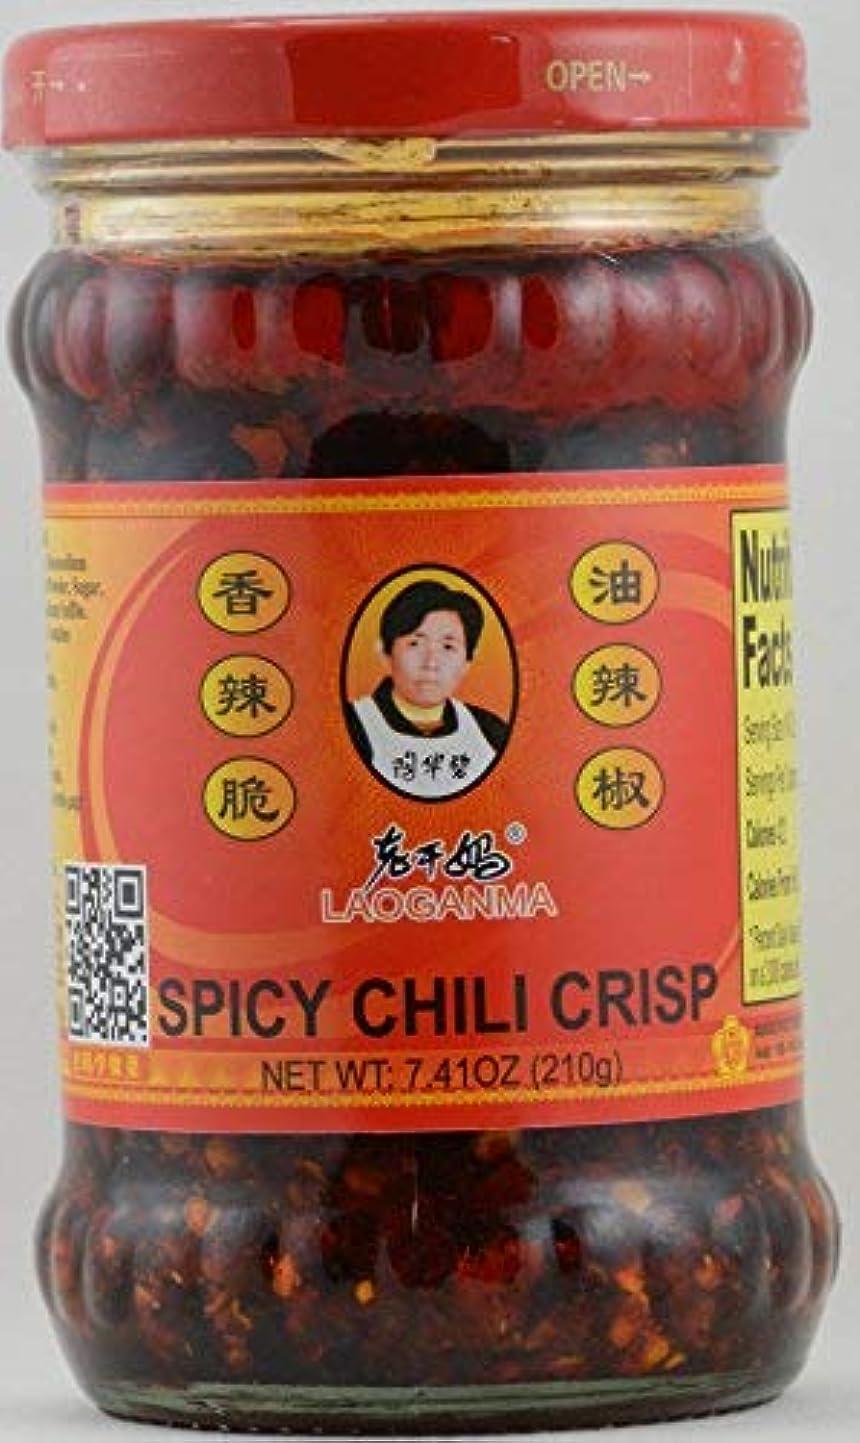 スプーンひまわり生物学老干?香辣脆油辣椒 Lao Gan Ma Spicy Chili Crisp 7.41 oz [並行輸入品]